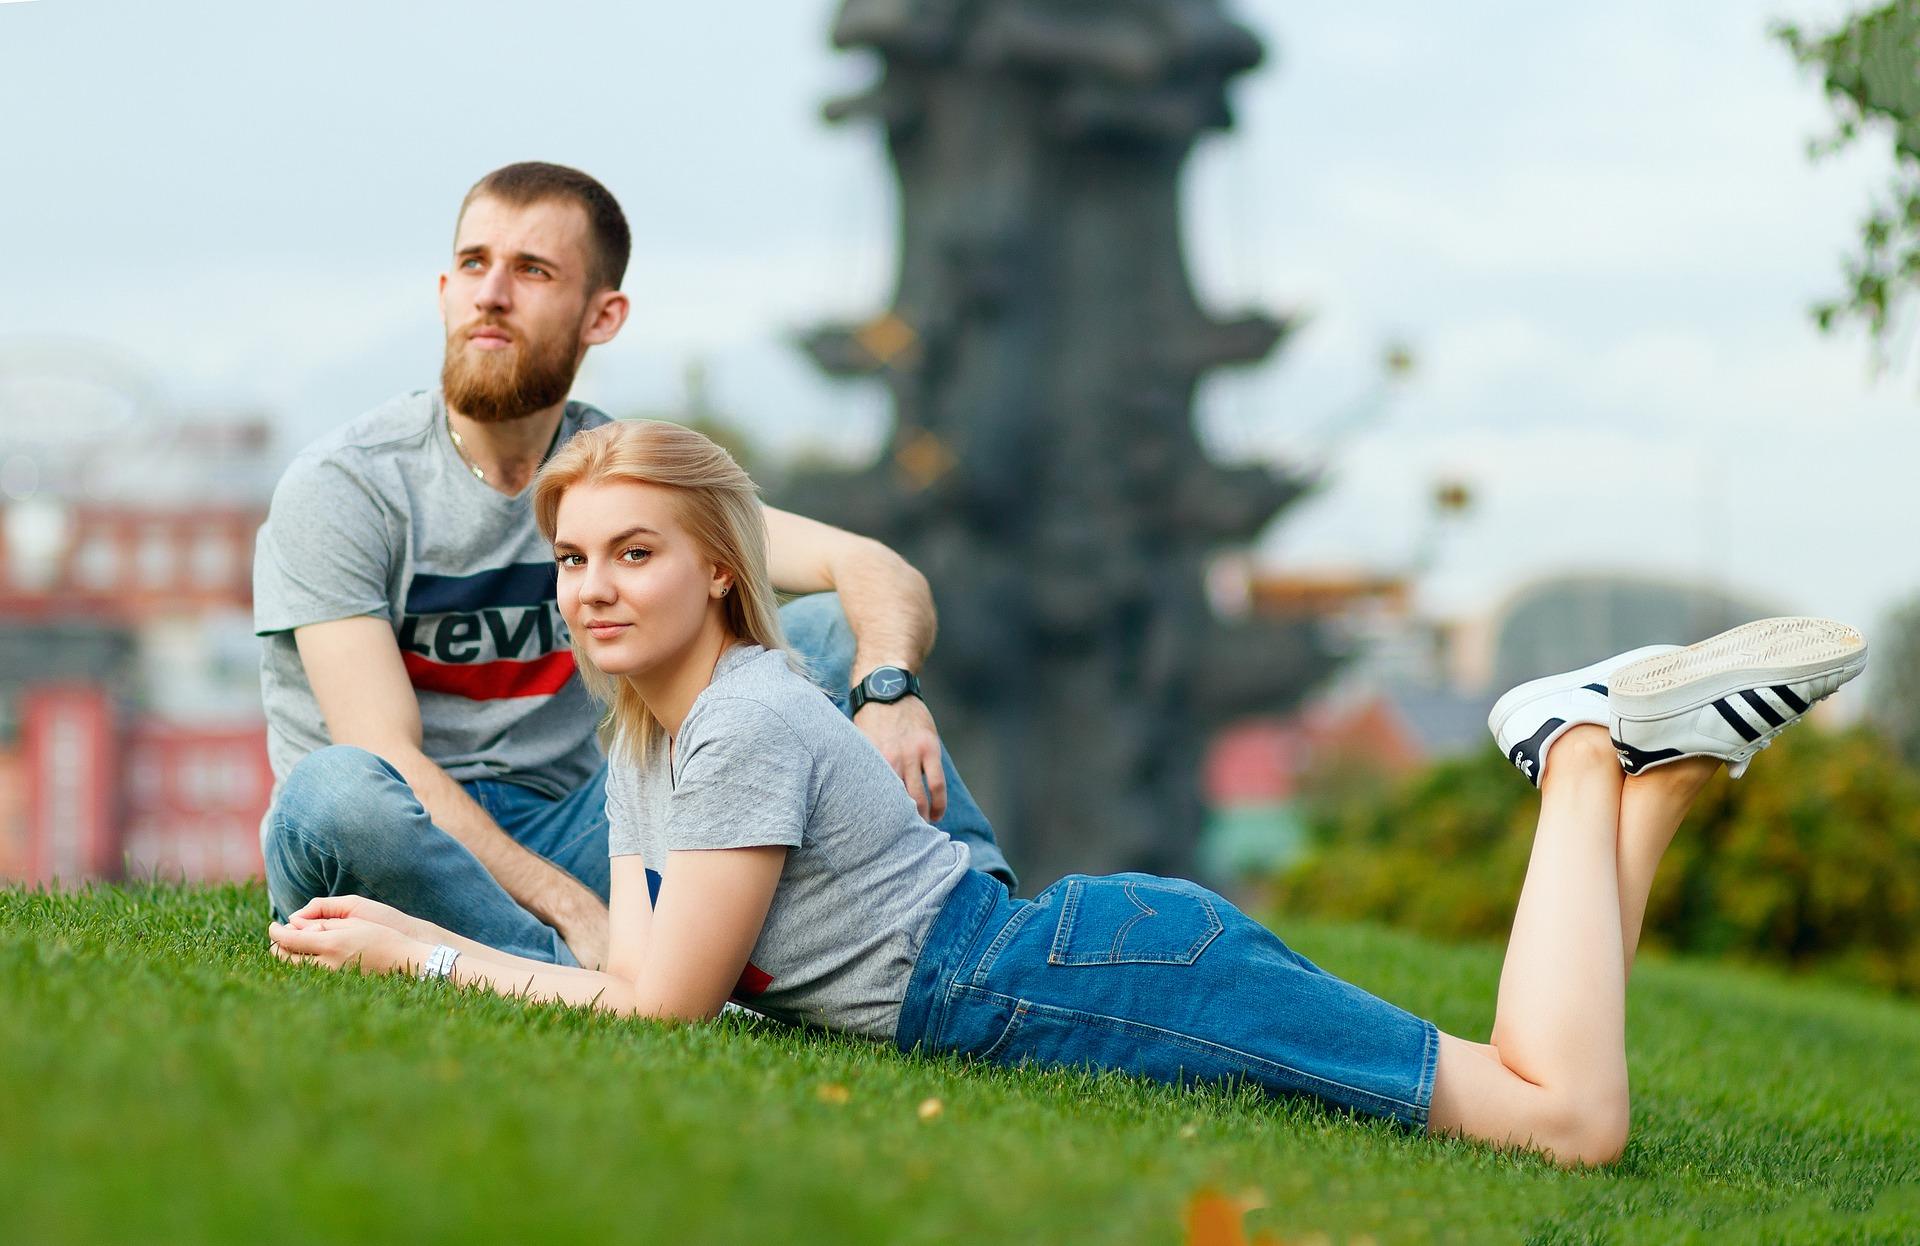 人妻が不倫や浮気したいと思う男性の特徴!官能的でエッチなセックス相手や本気の恋愛に発展する男性を大公開